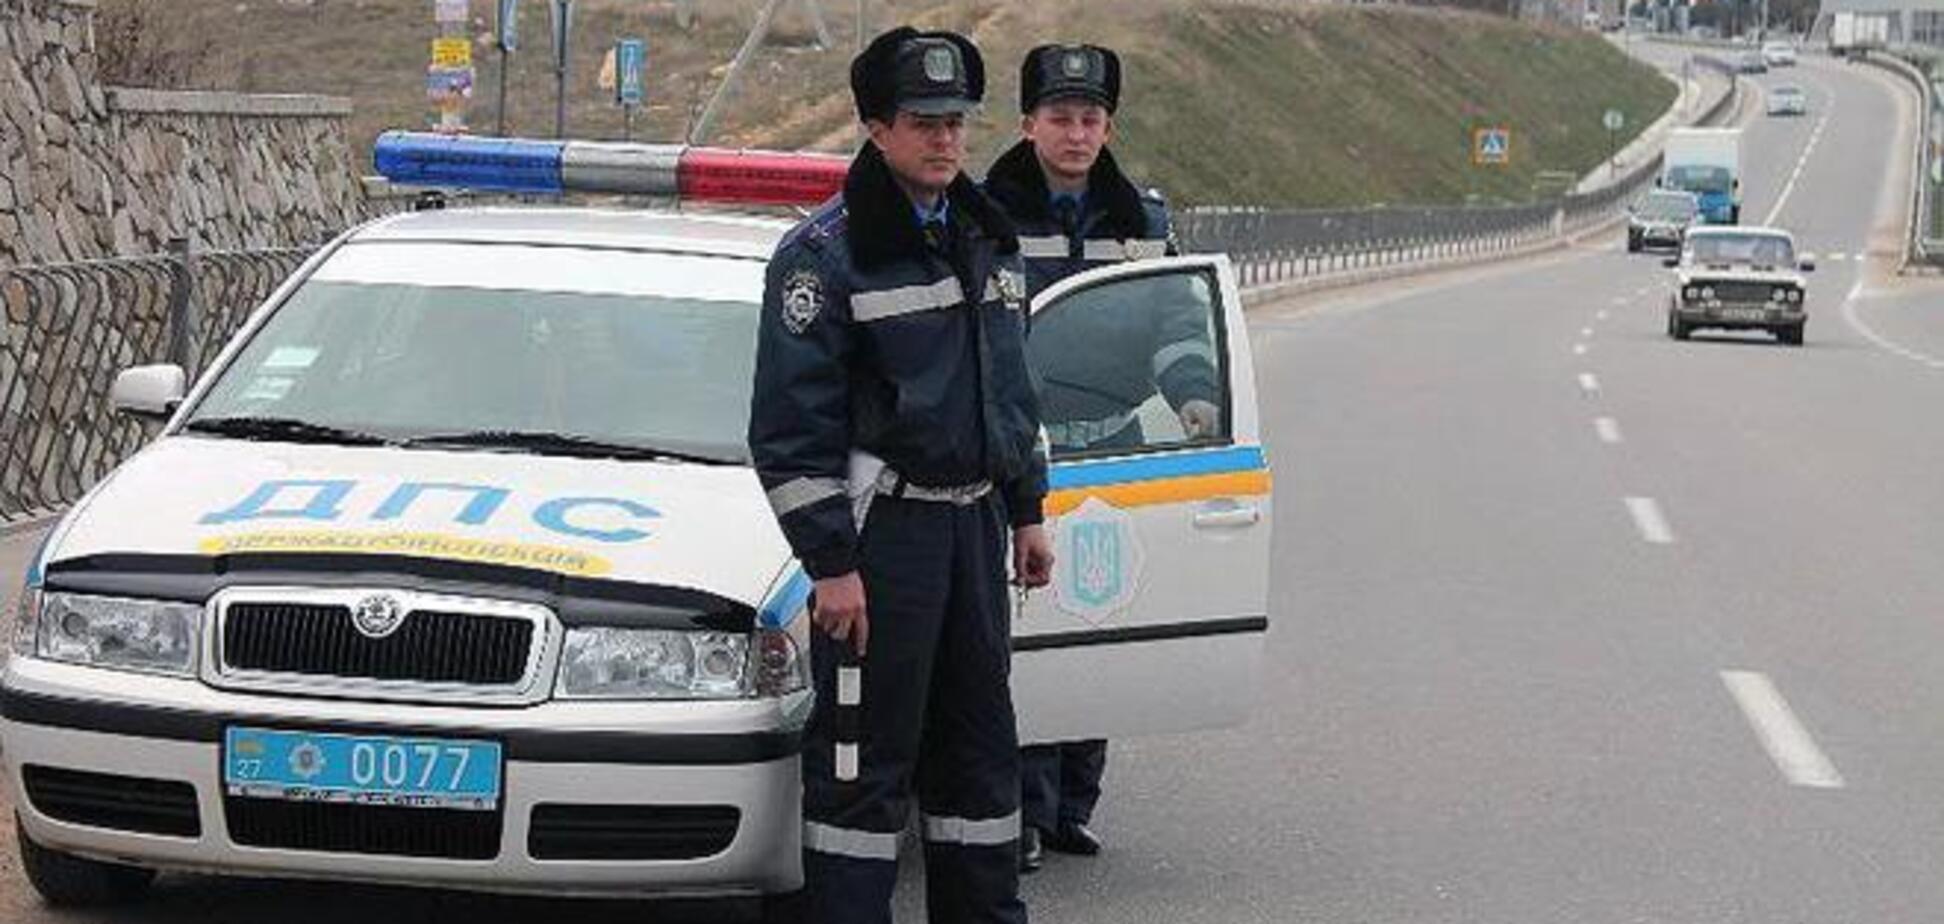 Путин предлагал взятку гаишникам в Одесской области